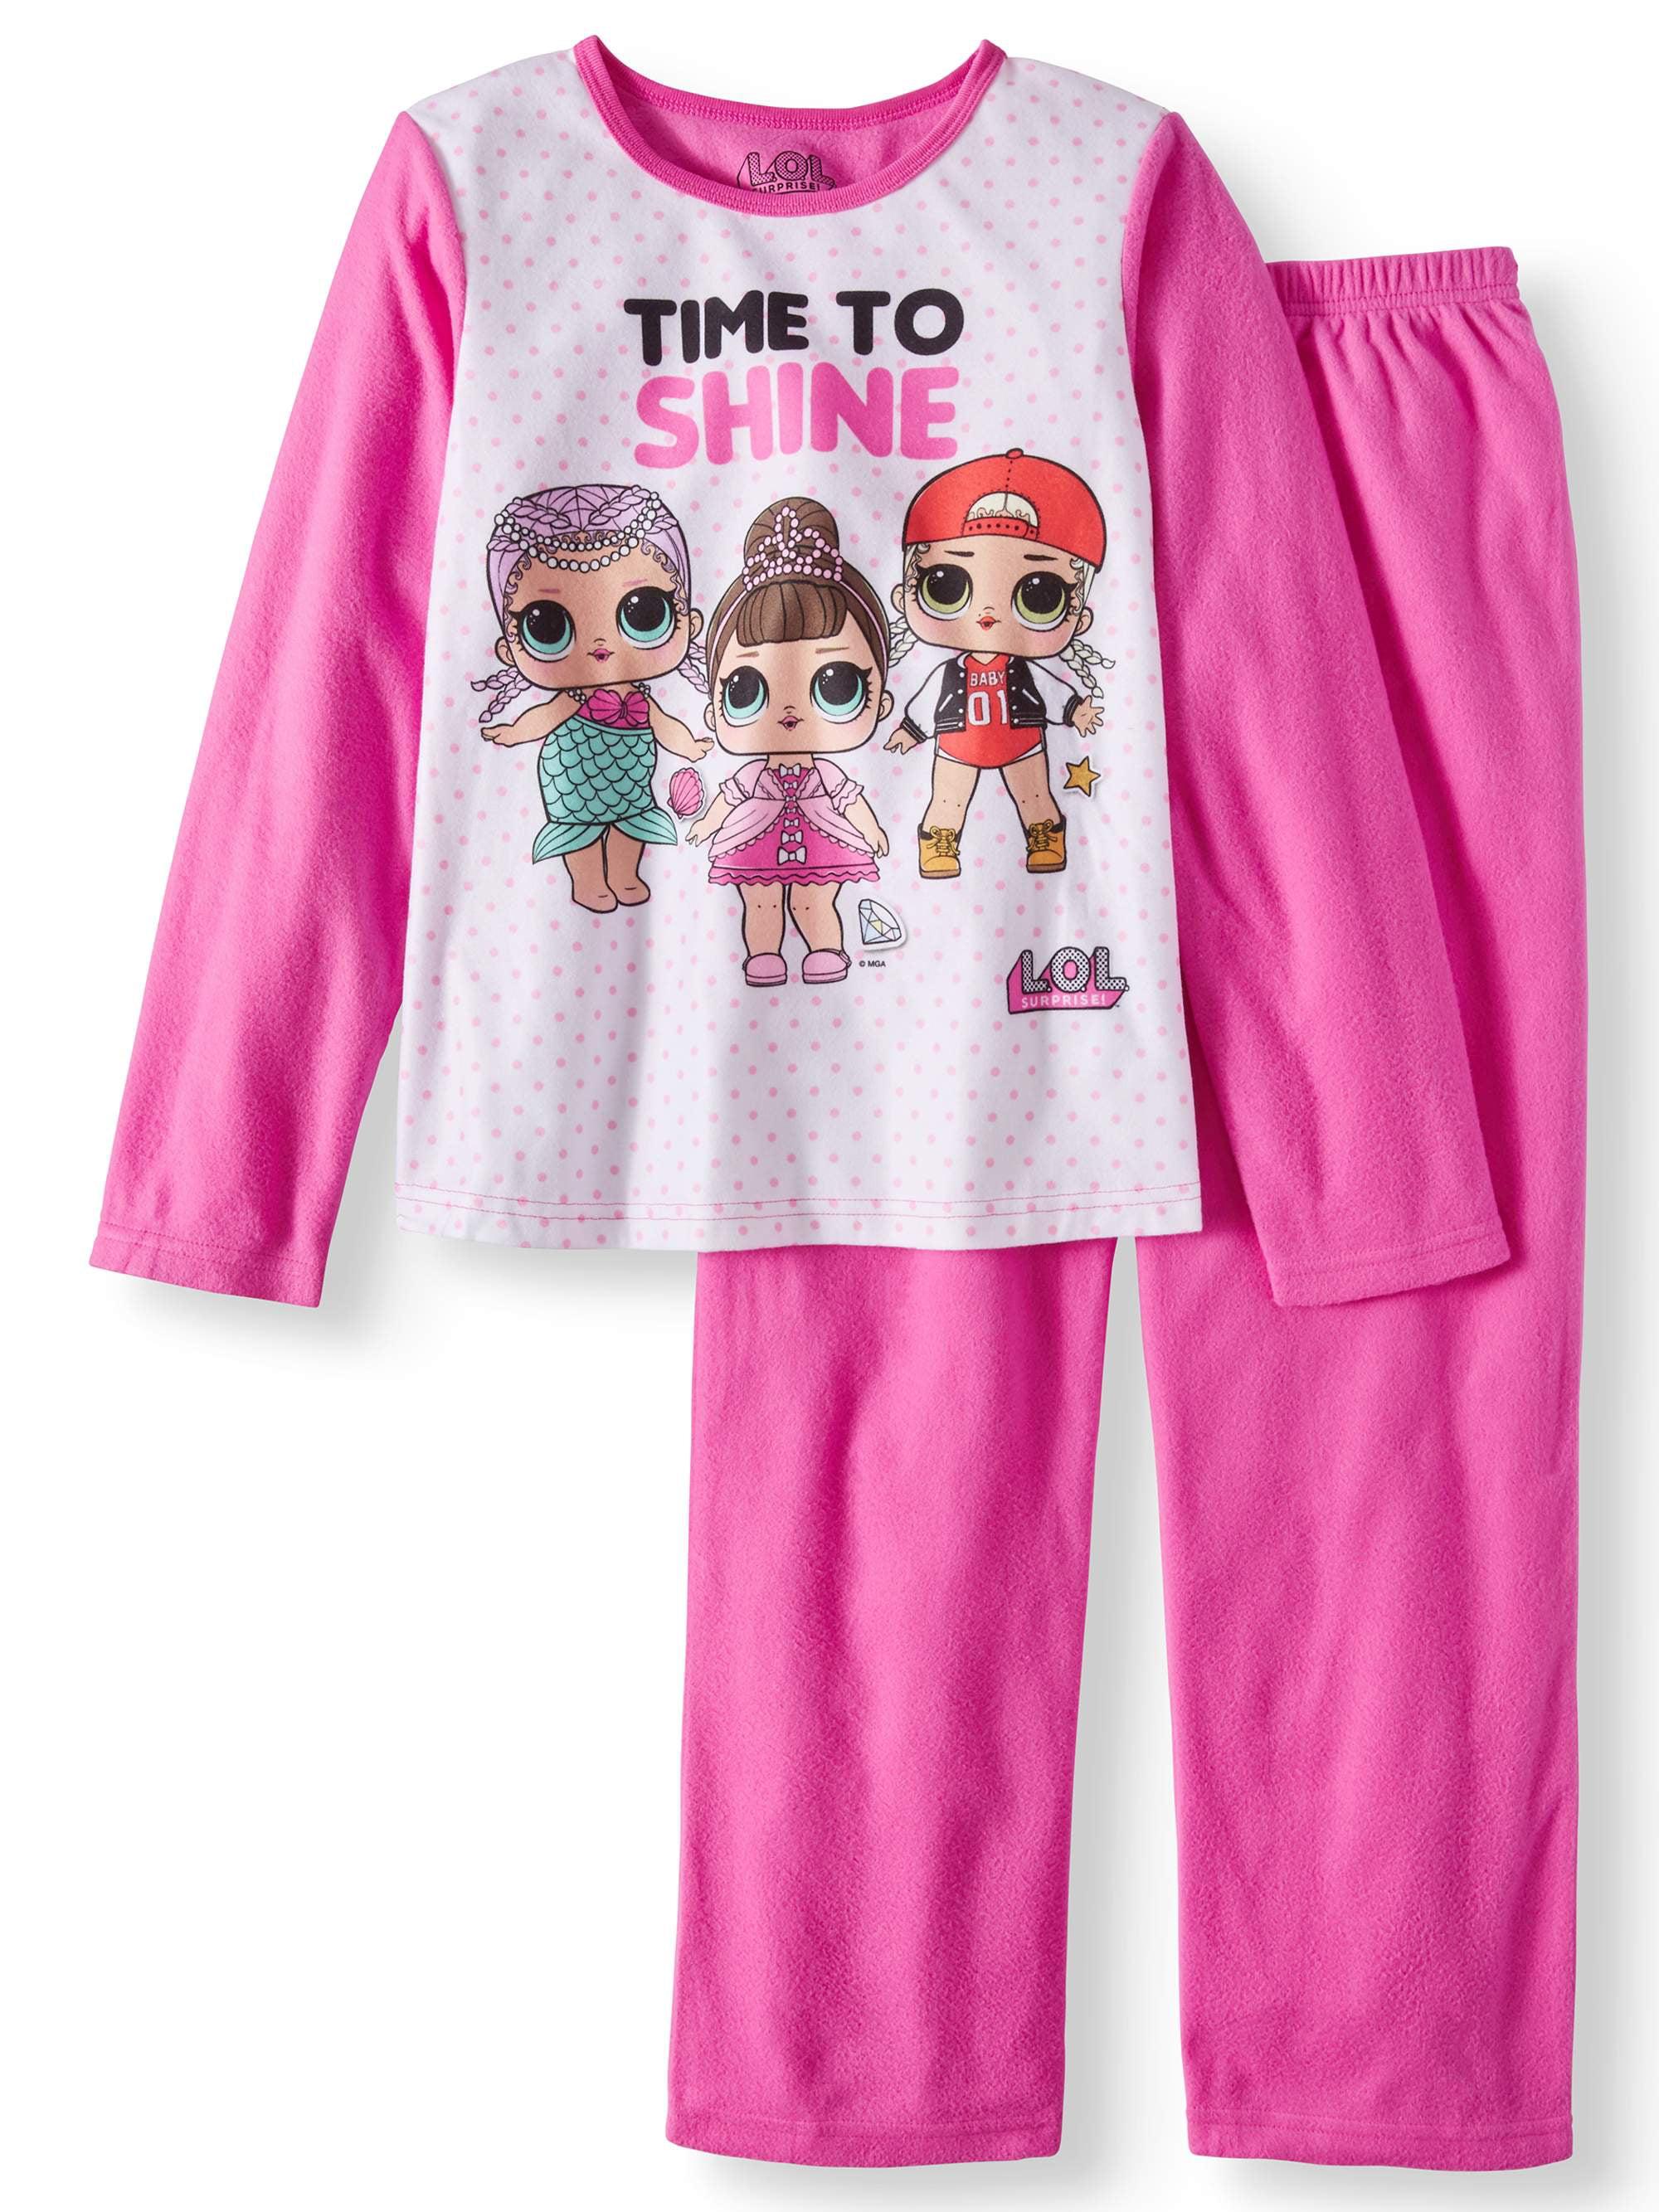 L.o.l Big Girls Licensed Sleepwear – Walmart Inventory Checker ... bc4ab7045